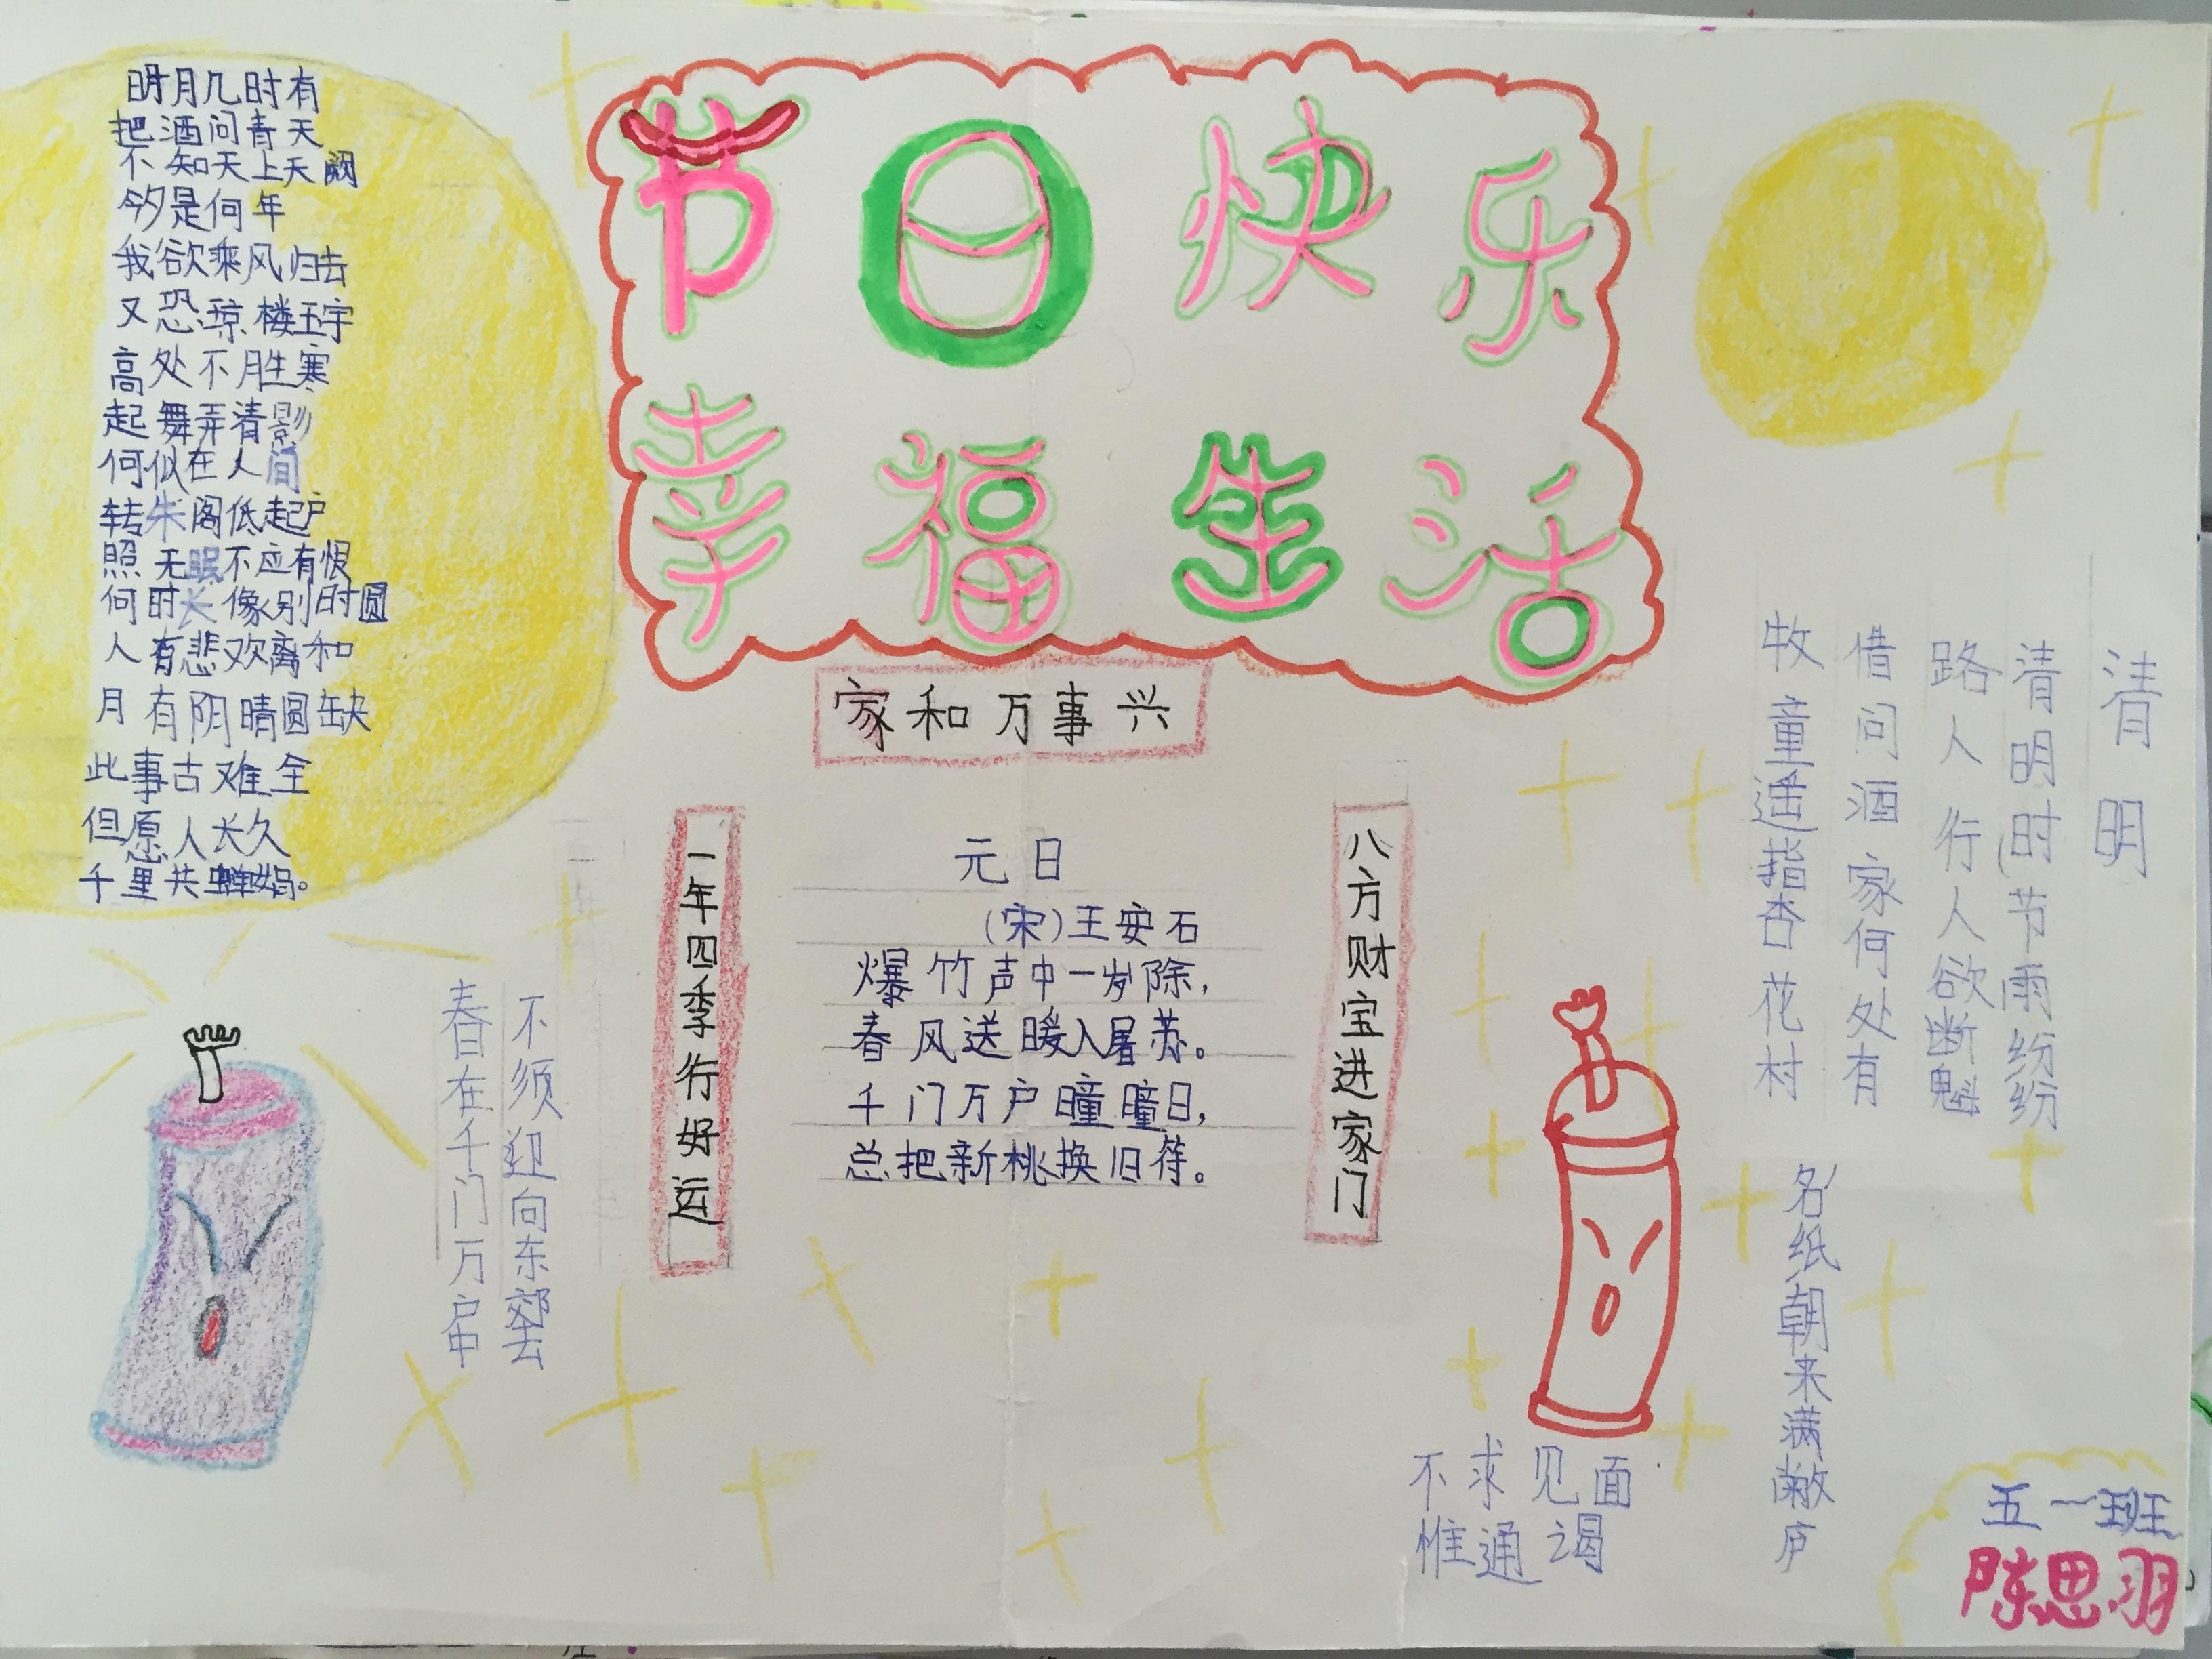 古诗文手抄报:节日快乐 幸福生活 5